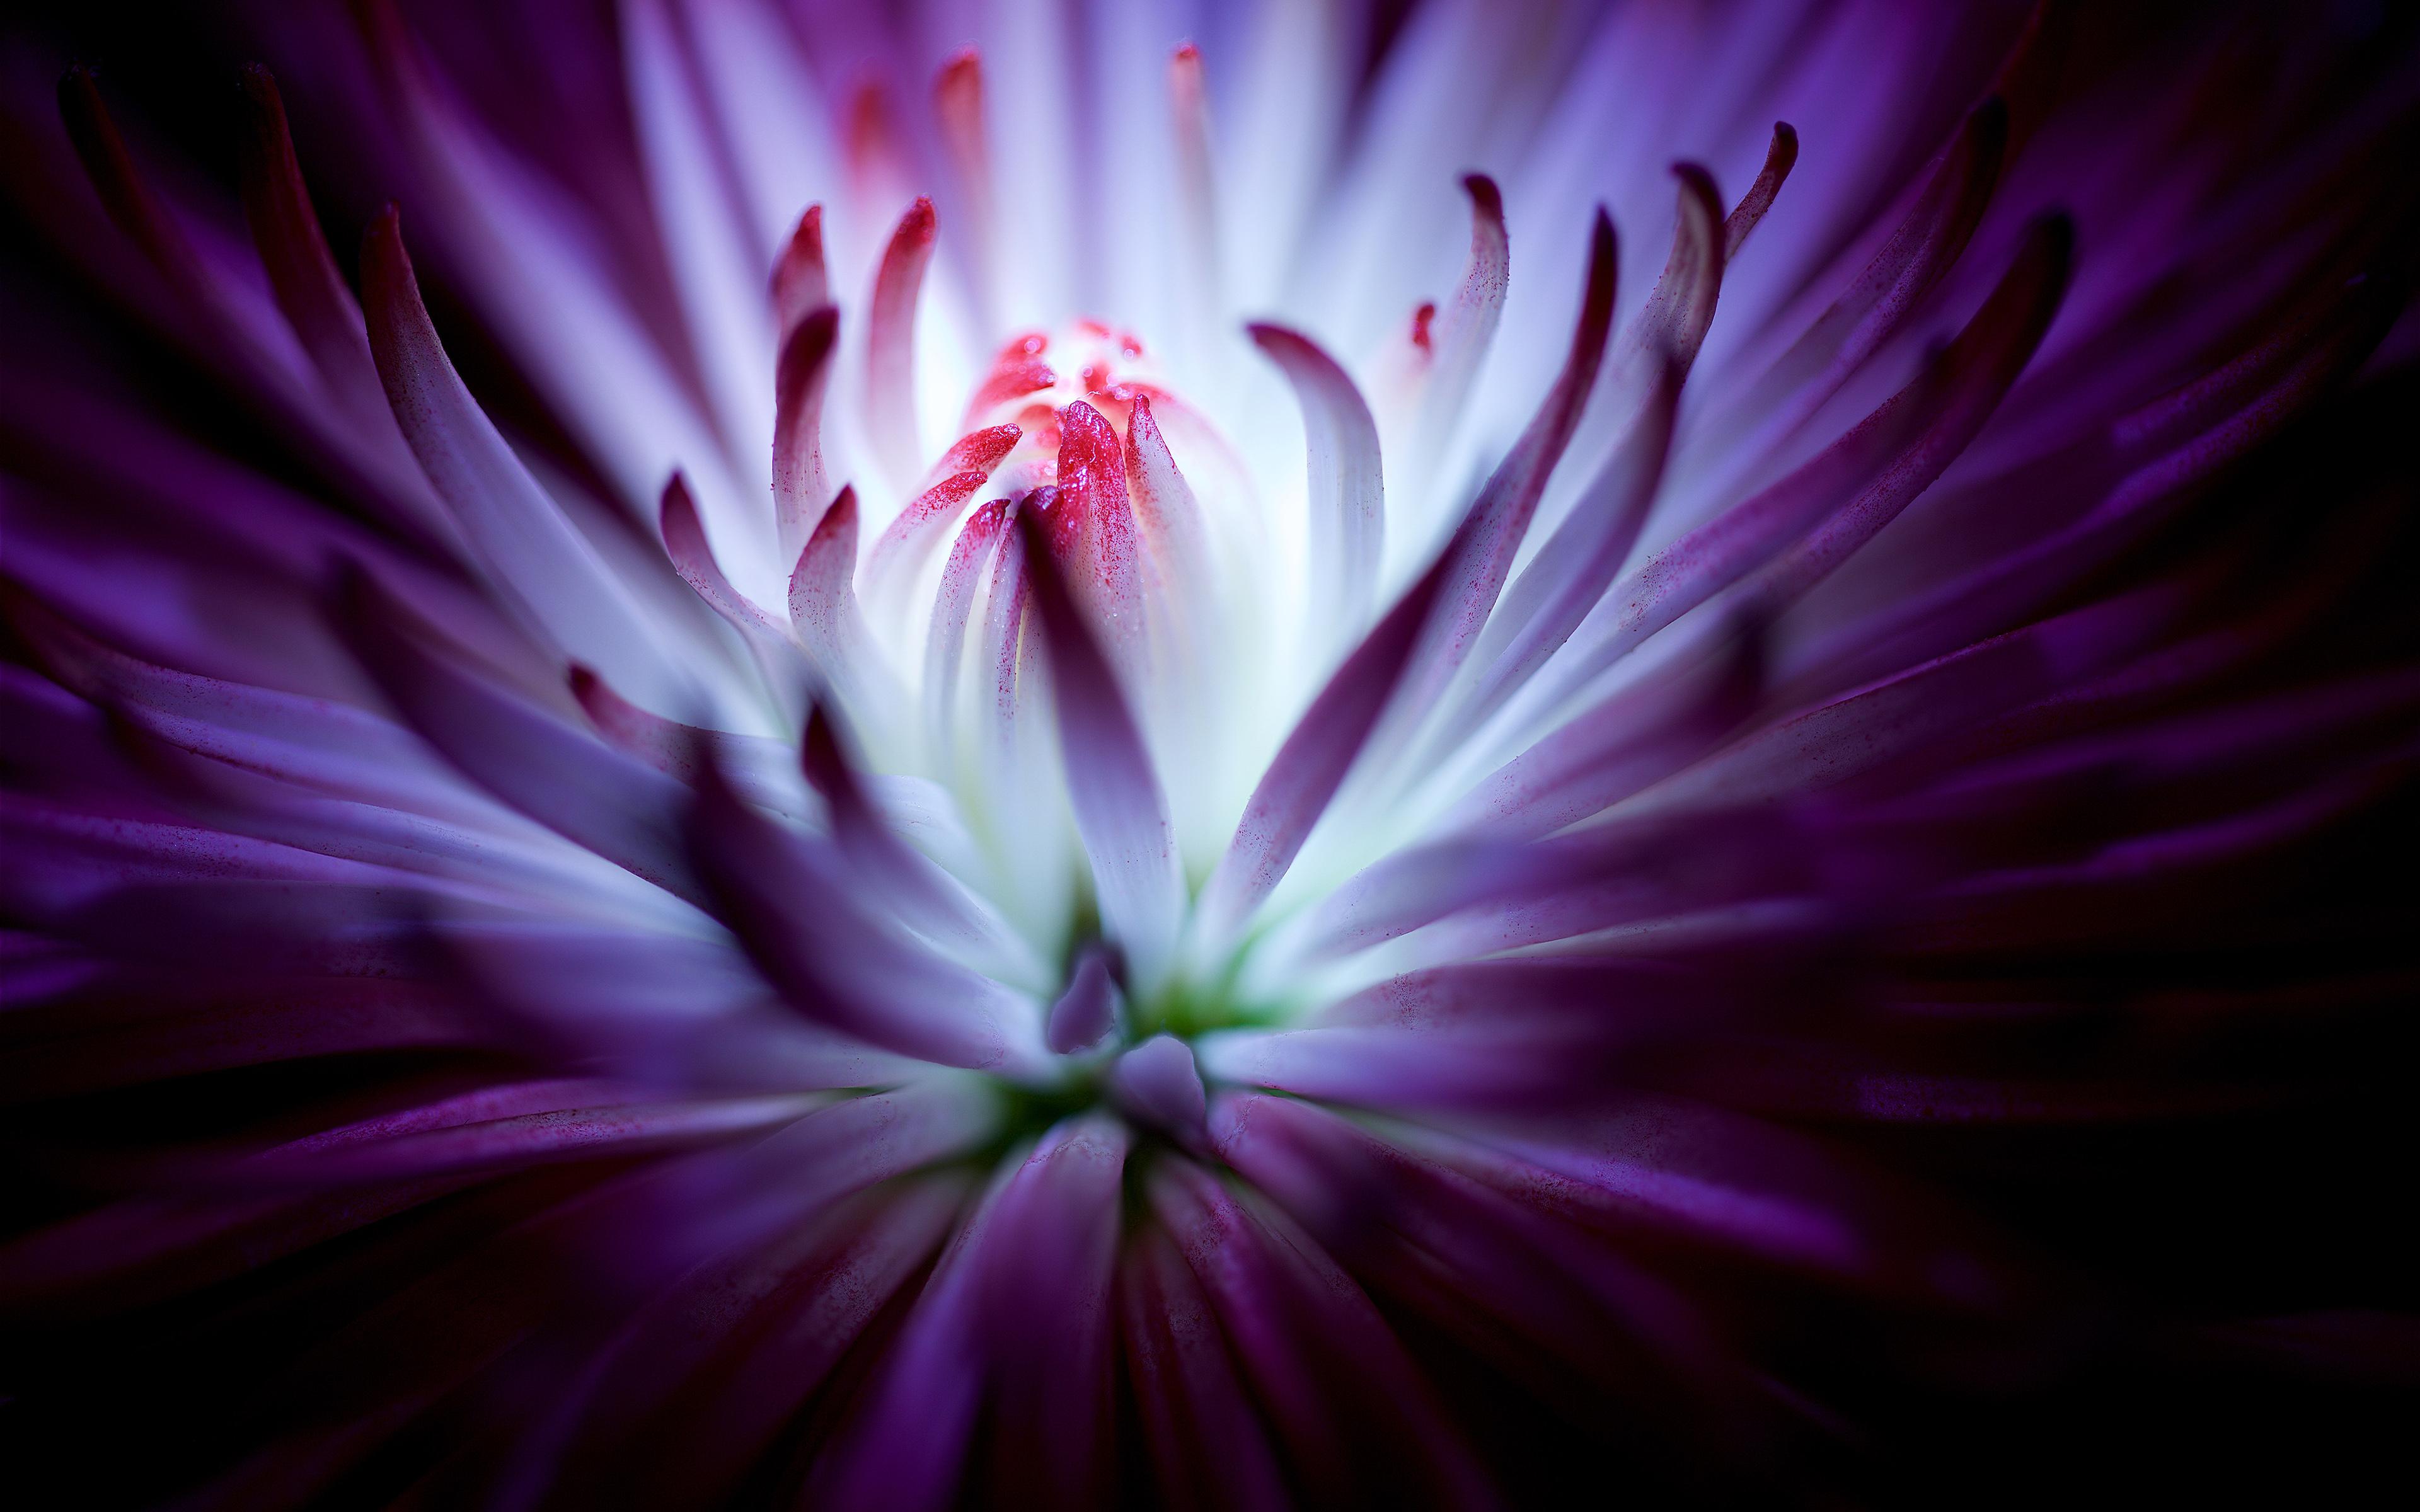 Wallpaper 4k Purple Flower 4k Flower Purple